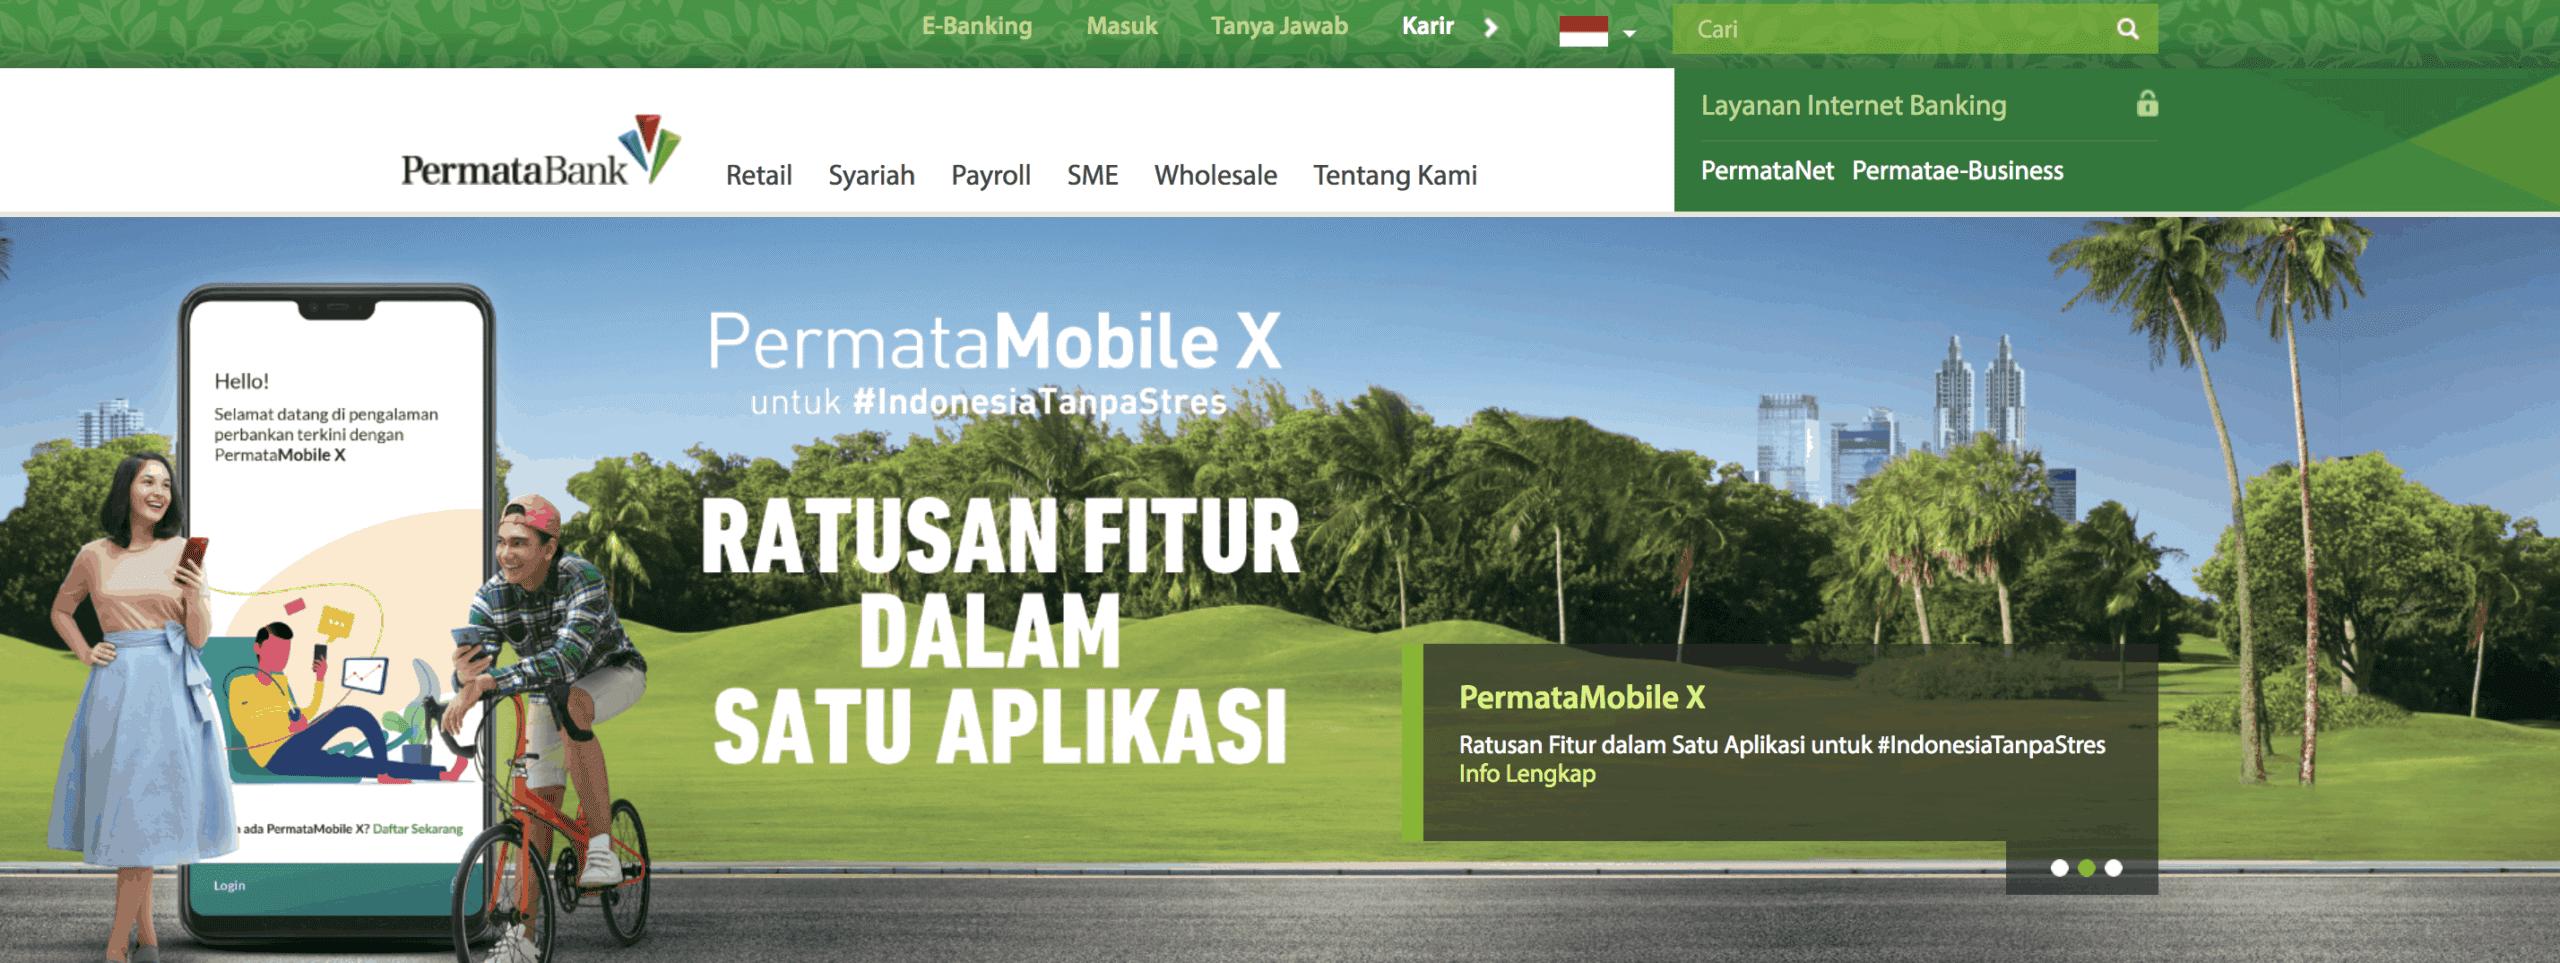 Internet Banking Permata aplikasi mobile banking